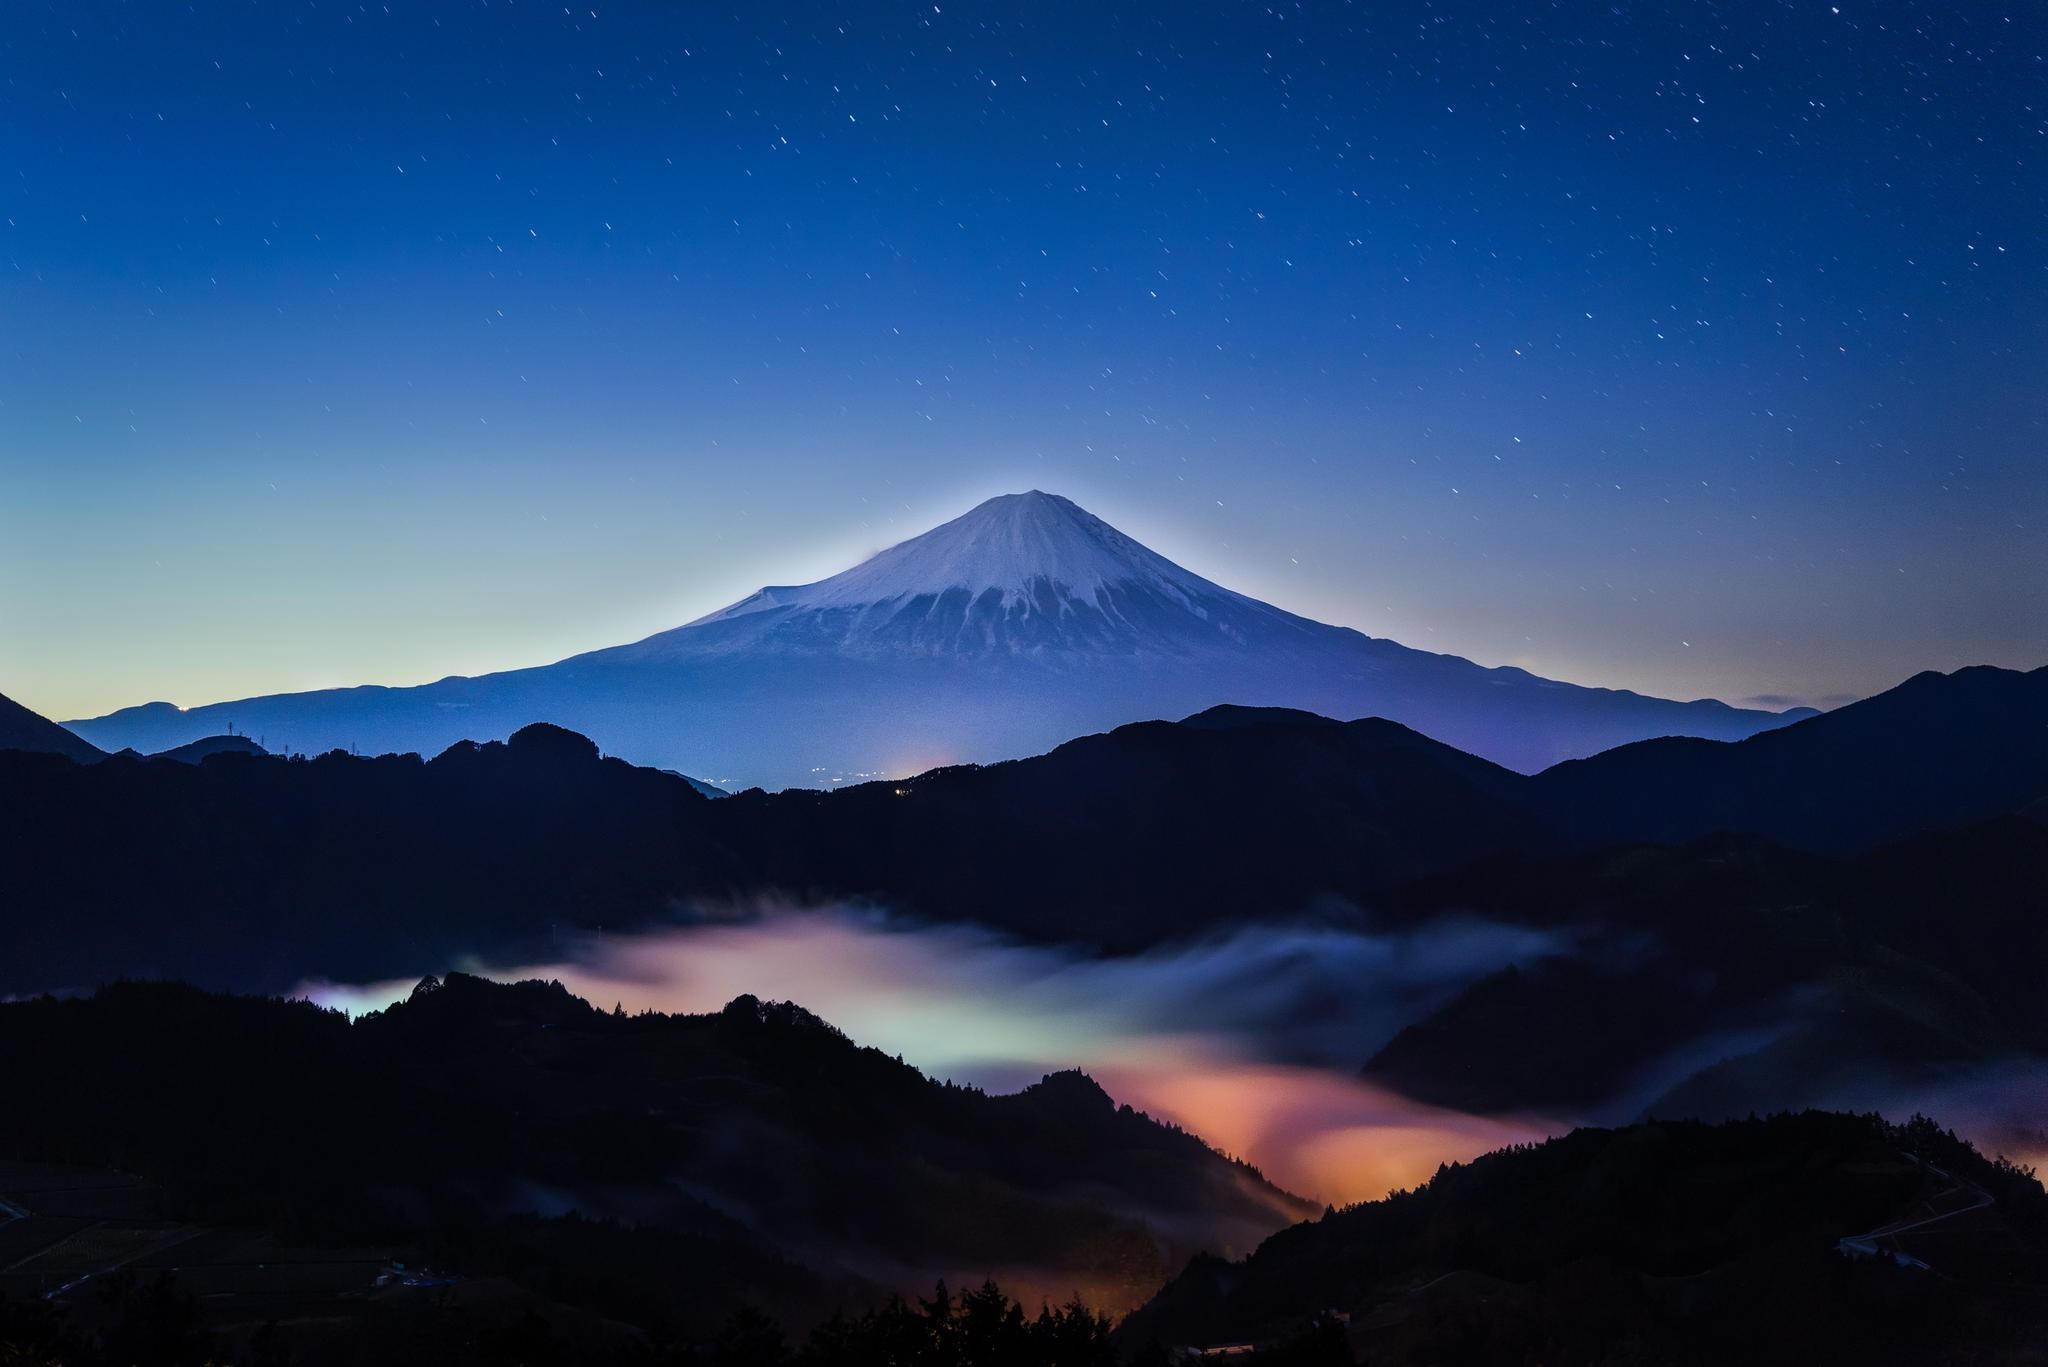 Mt Fuji Wallpaper 71 Pictures